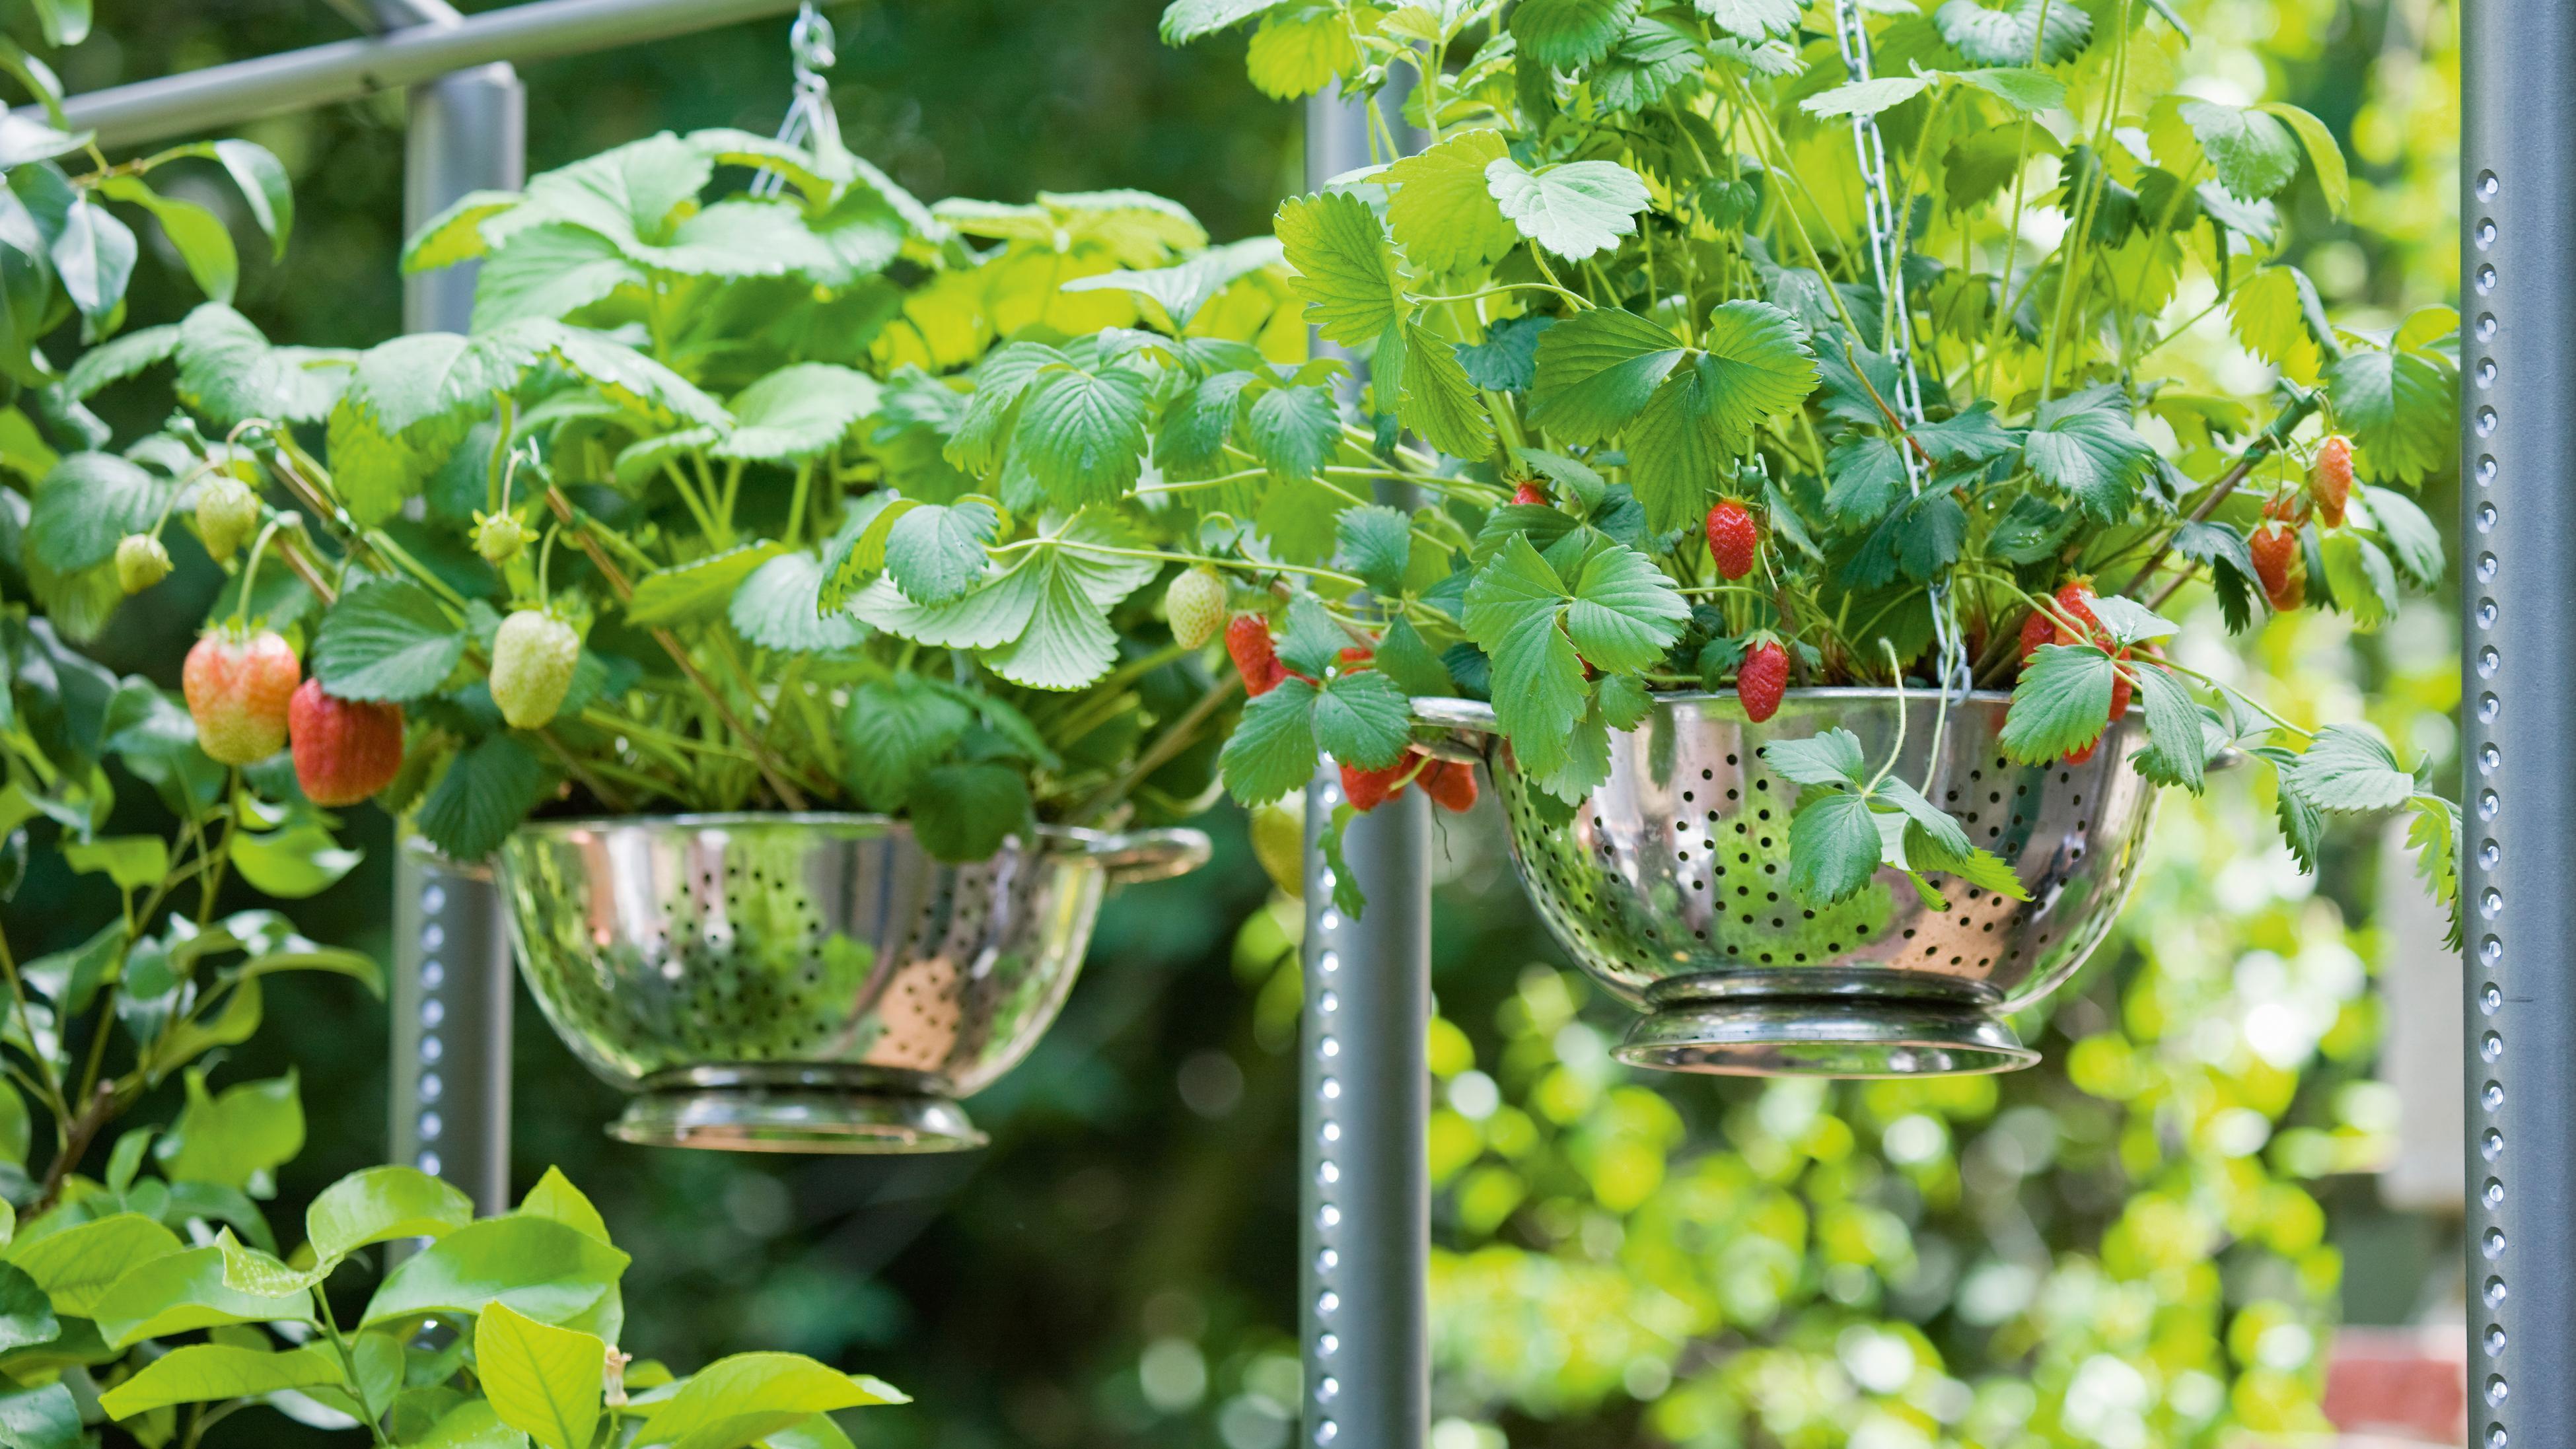 Strawberries growing in metal colanders